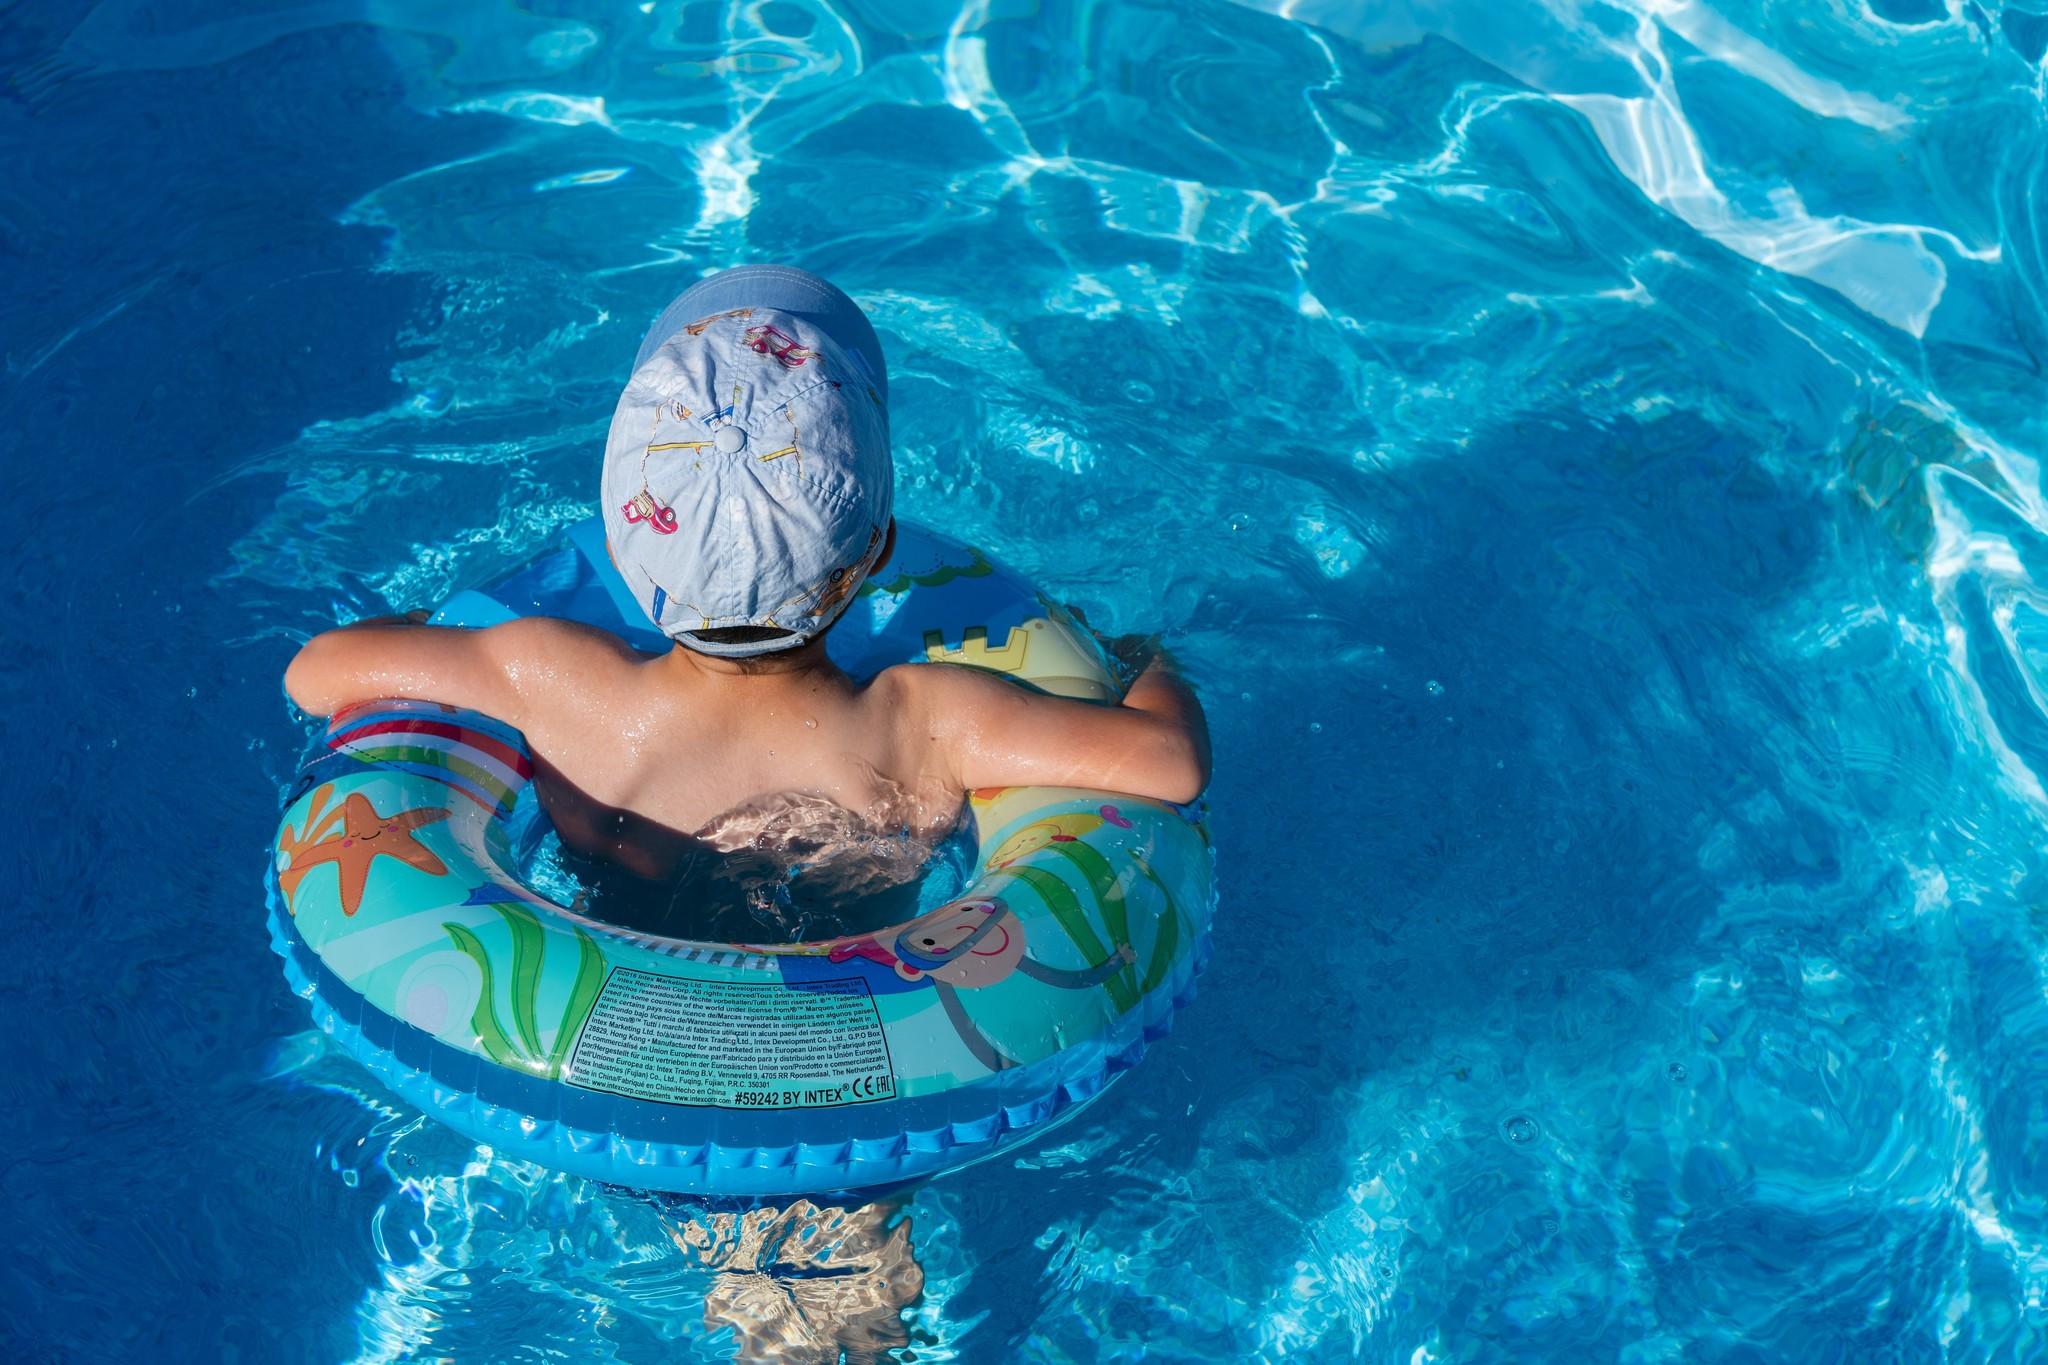 Zwembad opzetten van Intex? 4 tips op een rij!